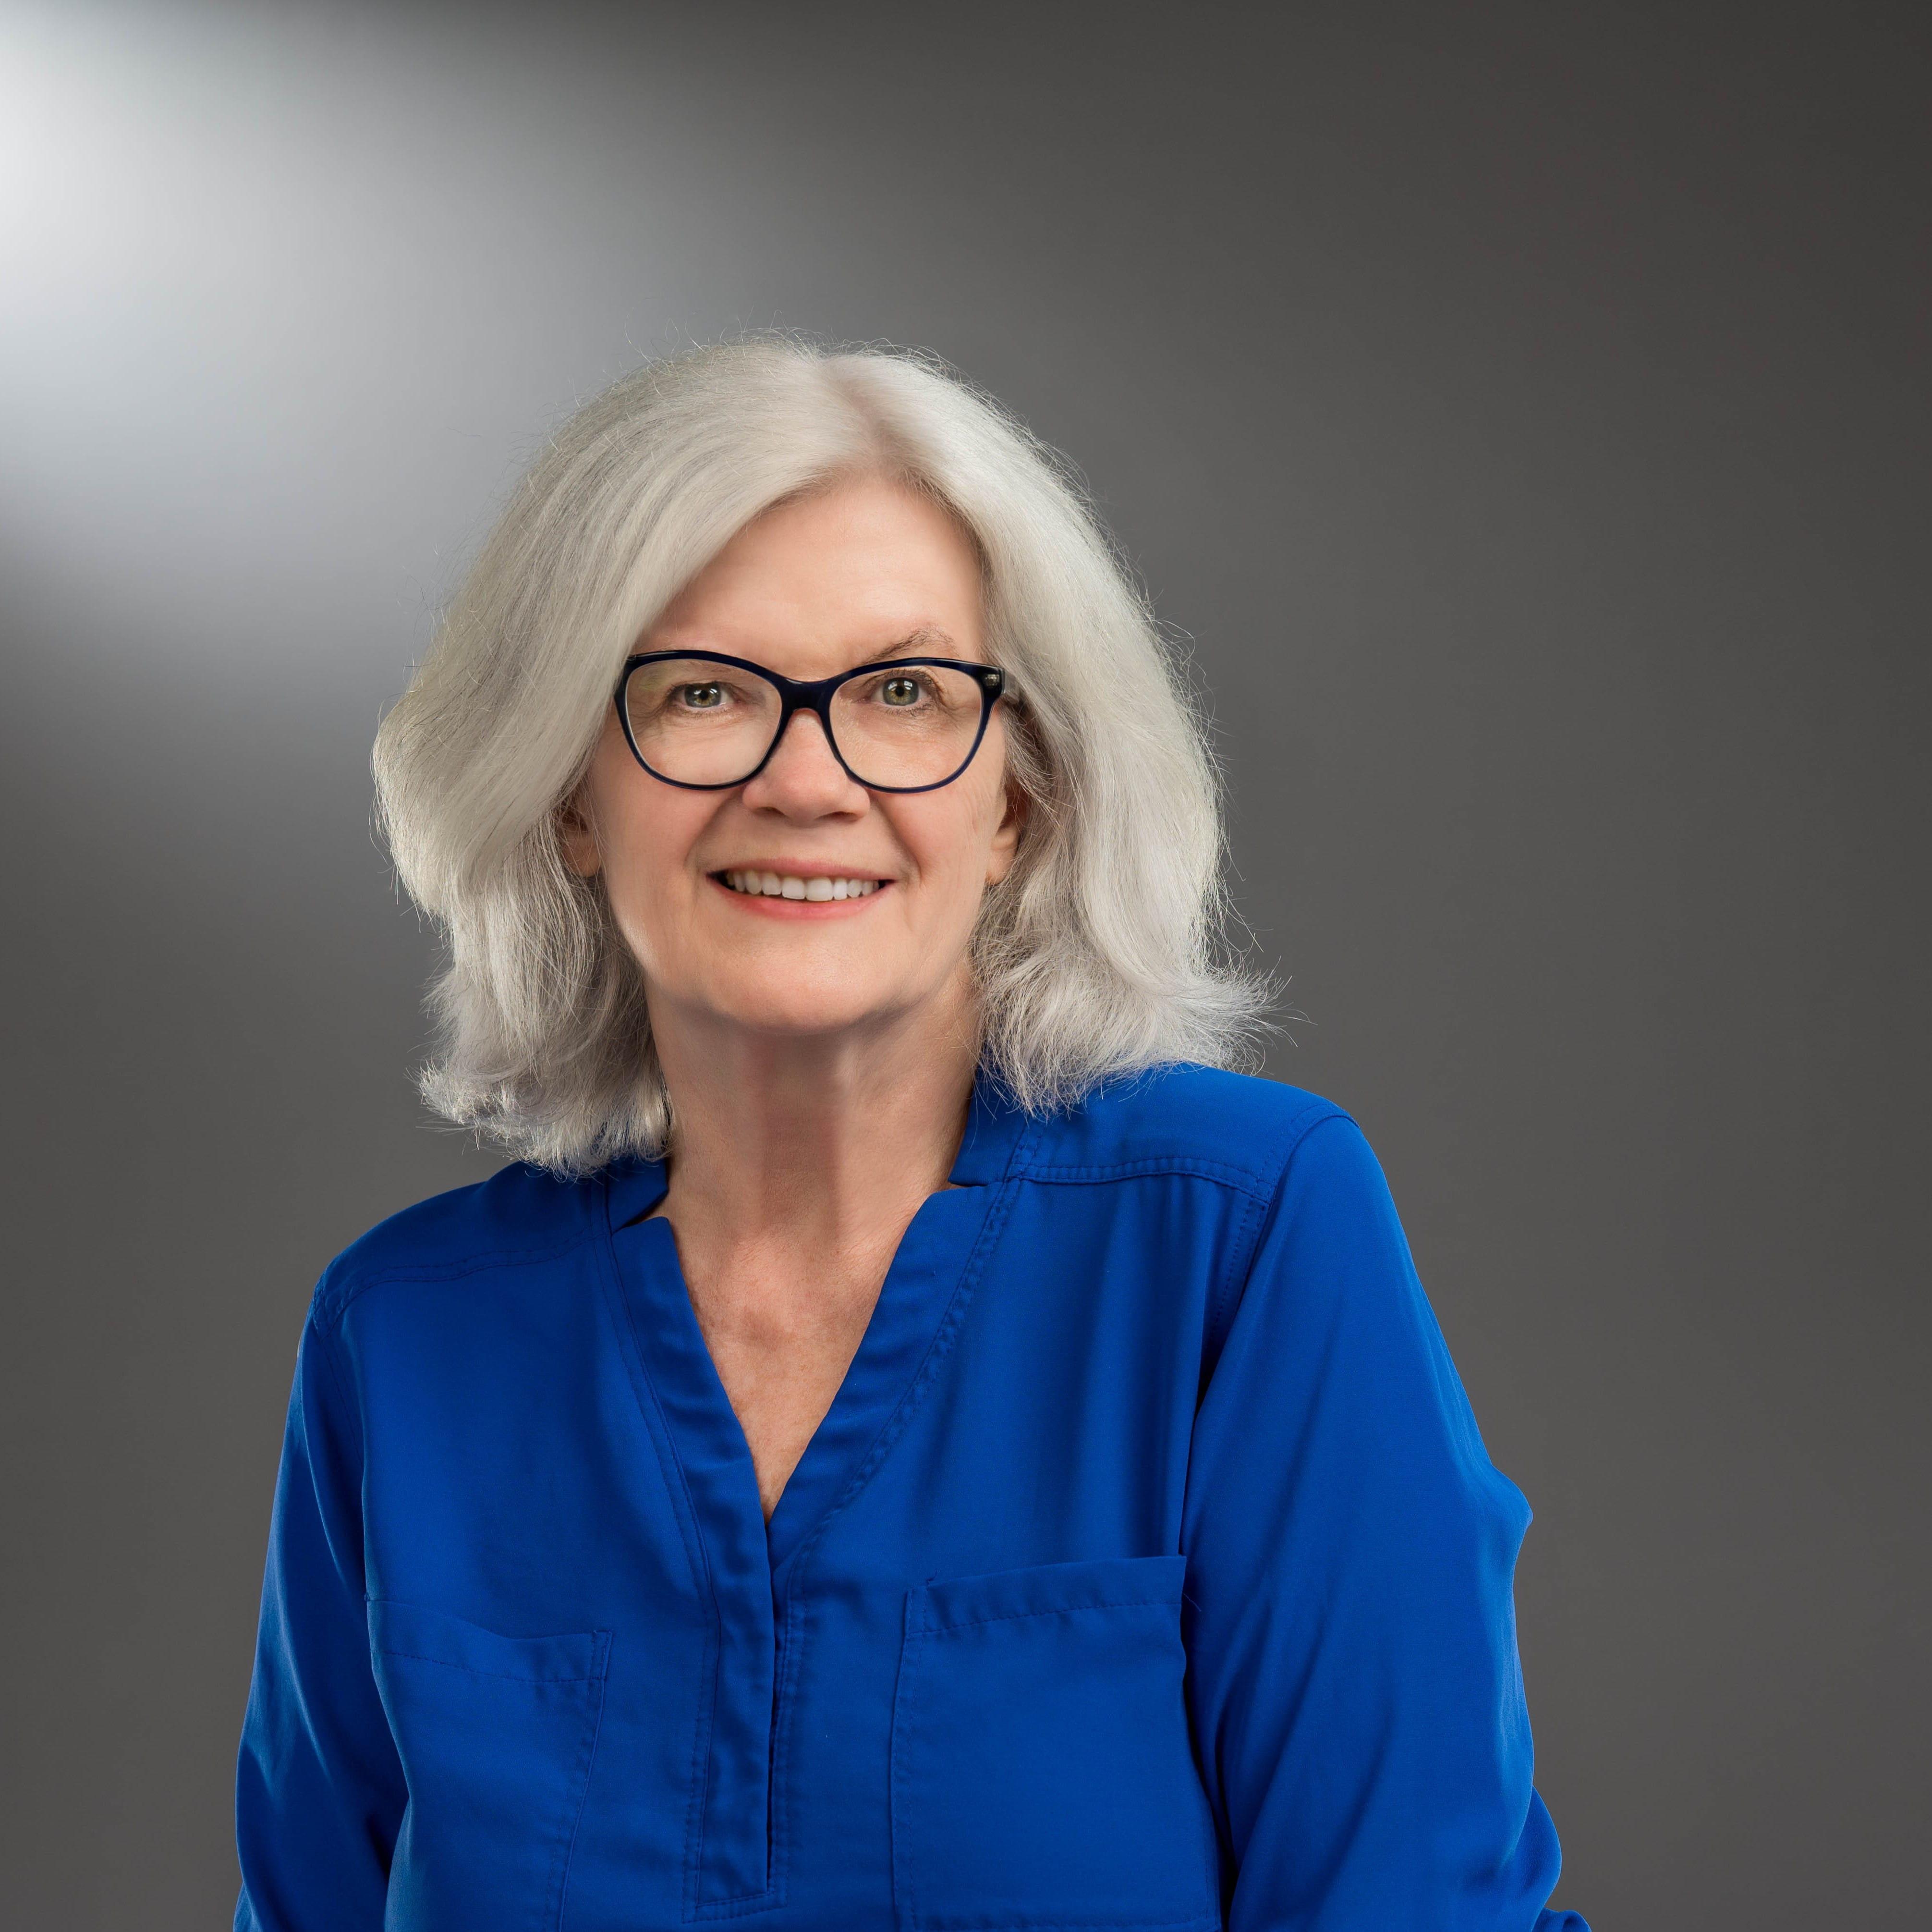 Headshot of Eileen Ferbend